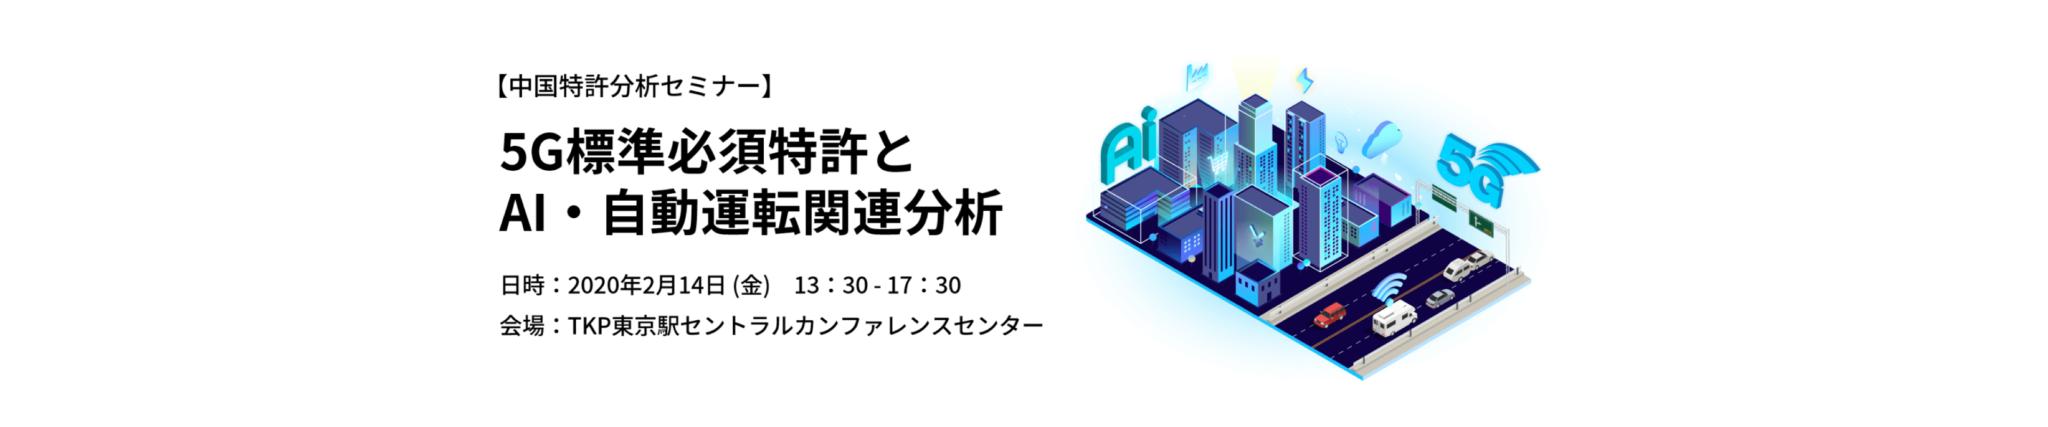 2020年2月14日(金)に「5G標準必須特許と AI・自動運転関連分析」と題して、無料セミナーを開催致します。